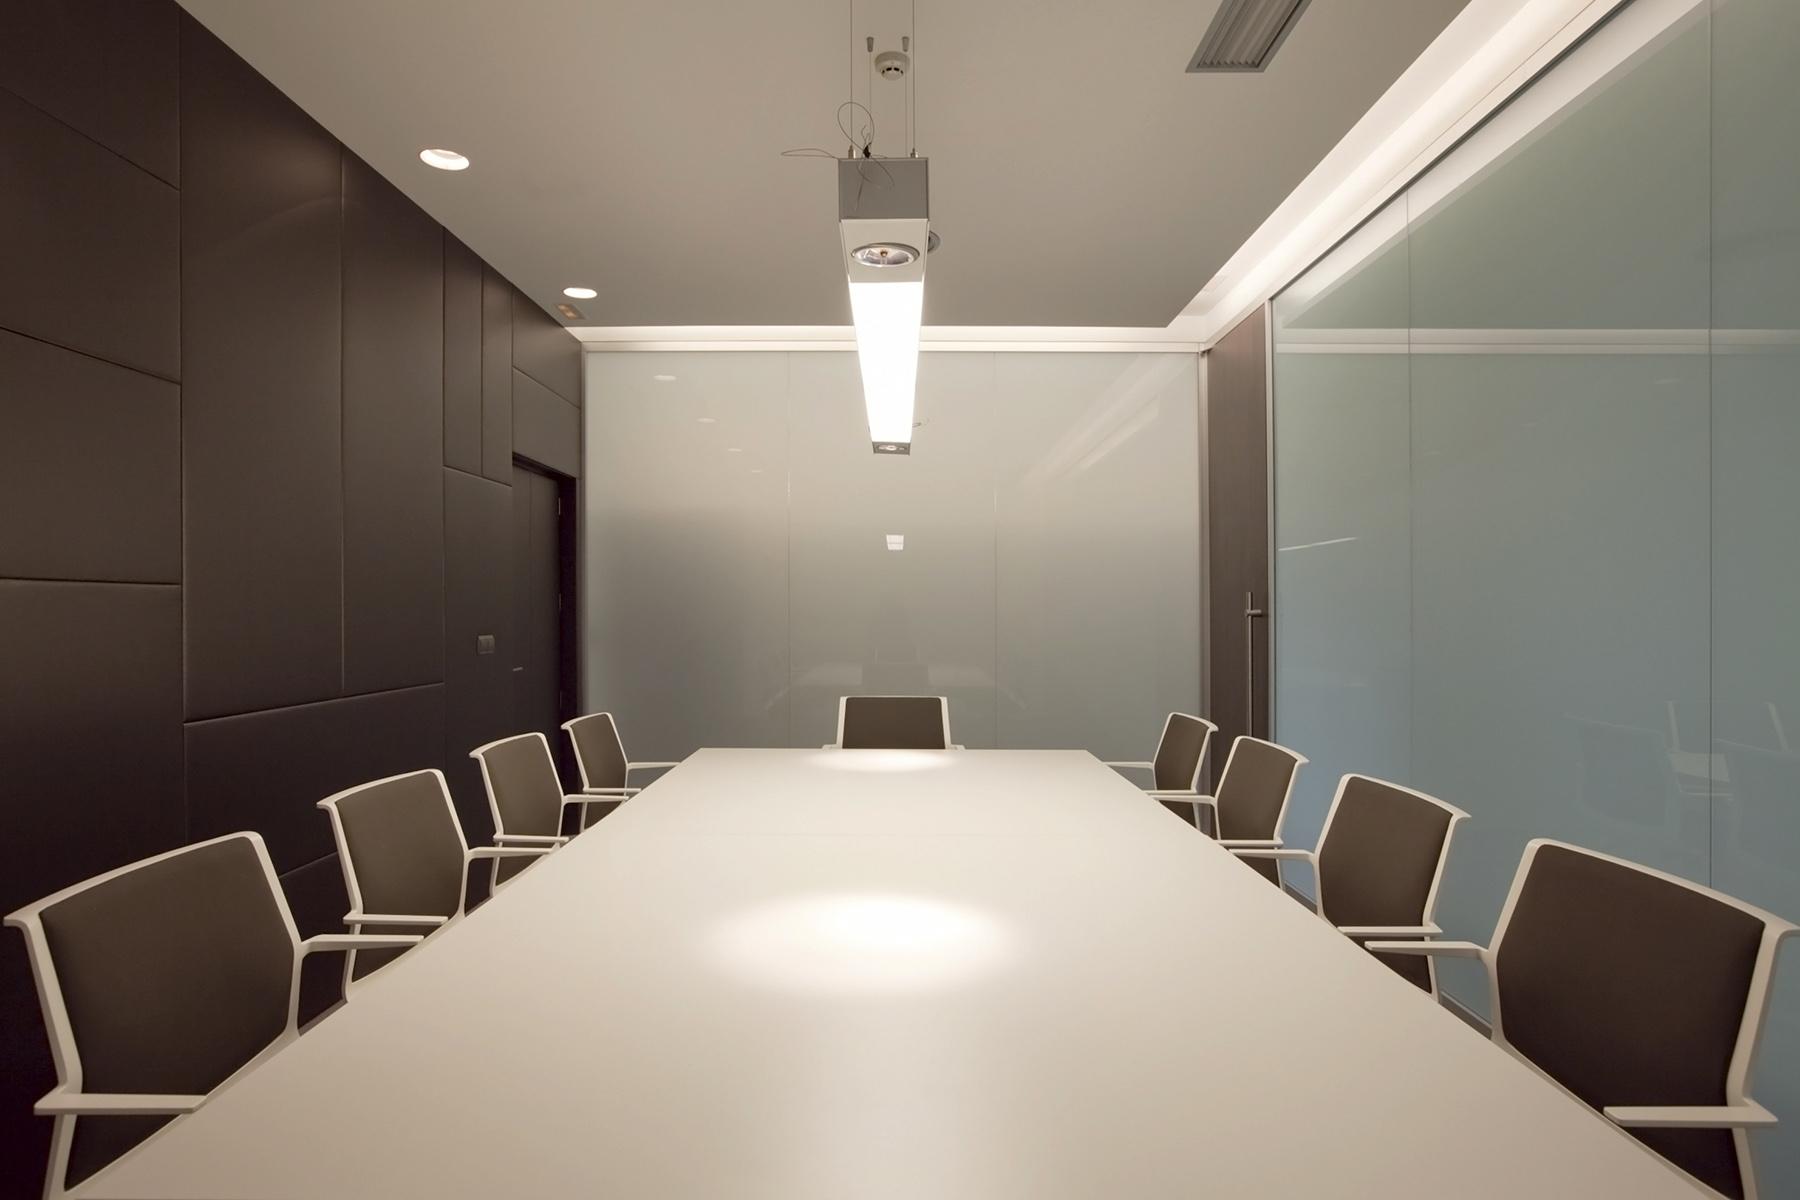 06 Arcain oficina salareuniones verno